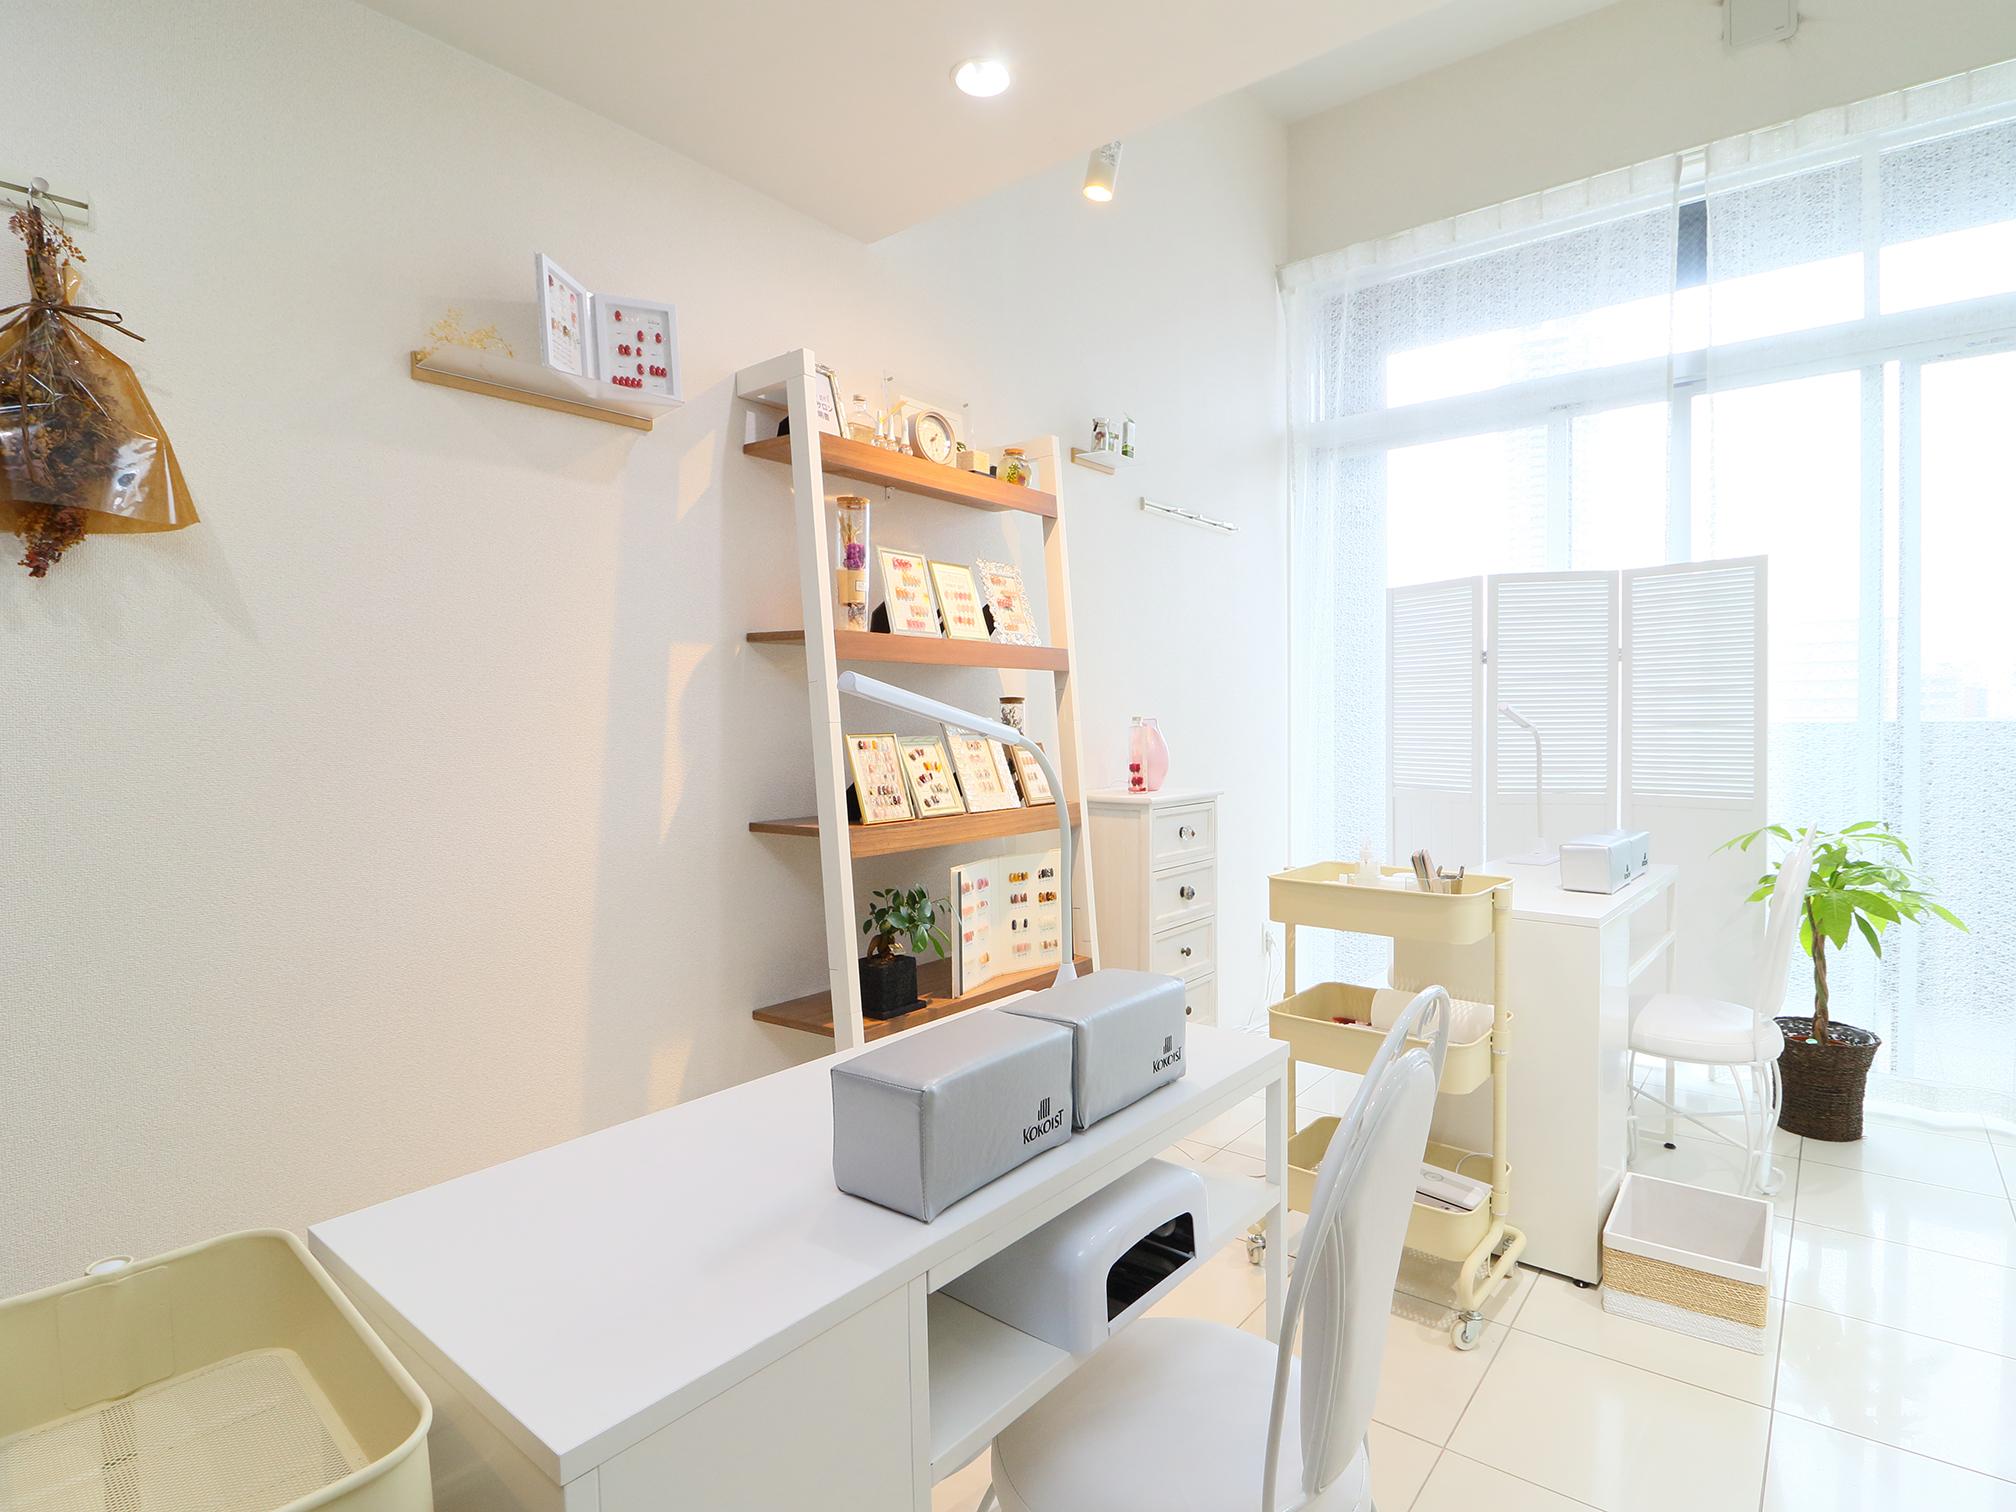 ネイルサロンS-nail店内イメージ